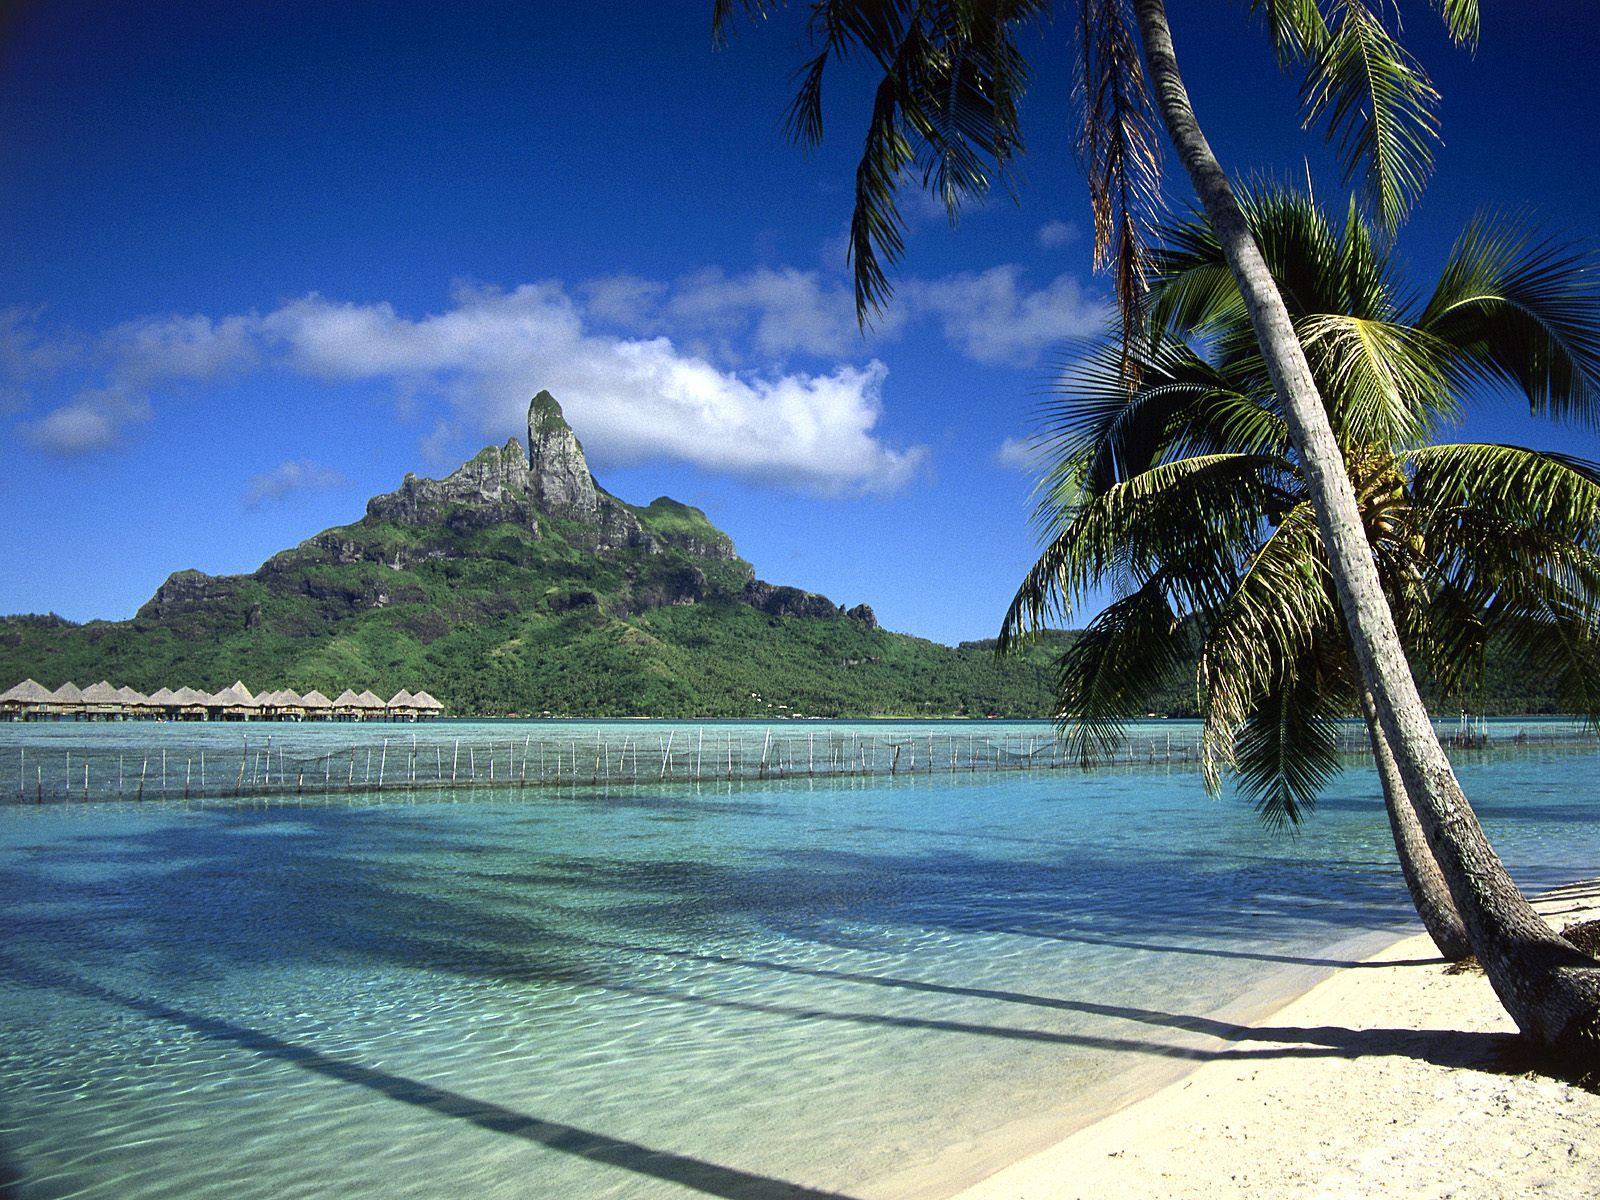 A Visitor's Guide to Bora Bora